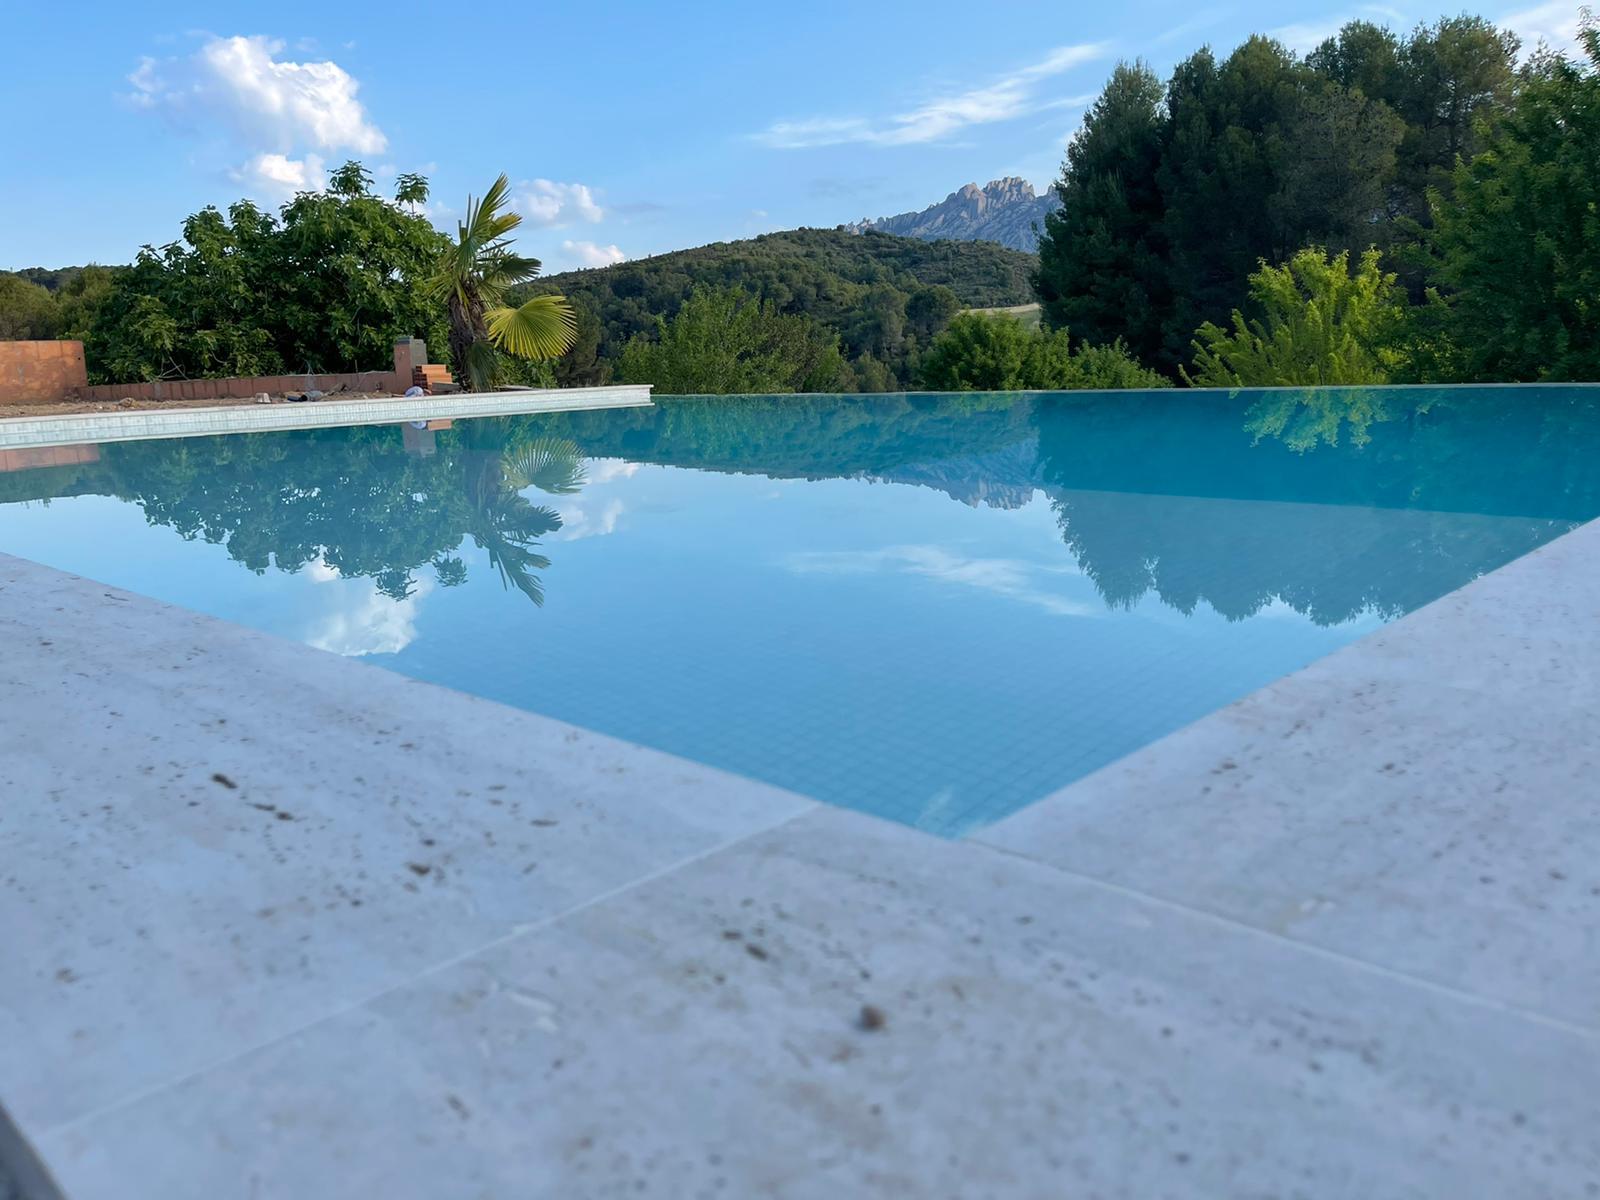 Proyecto-hisbalit-Ibiza-img 20210610 wa0034